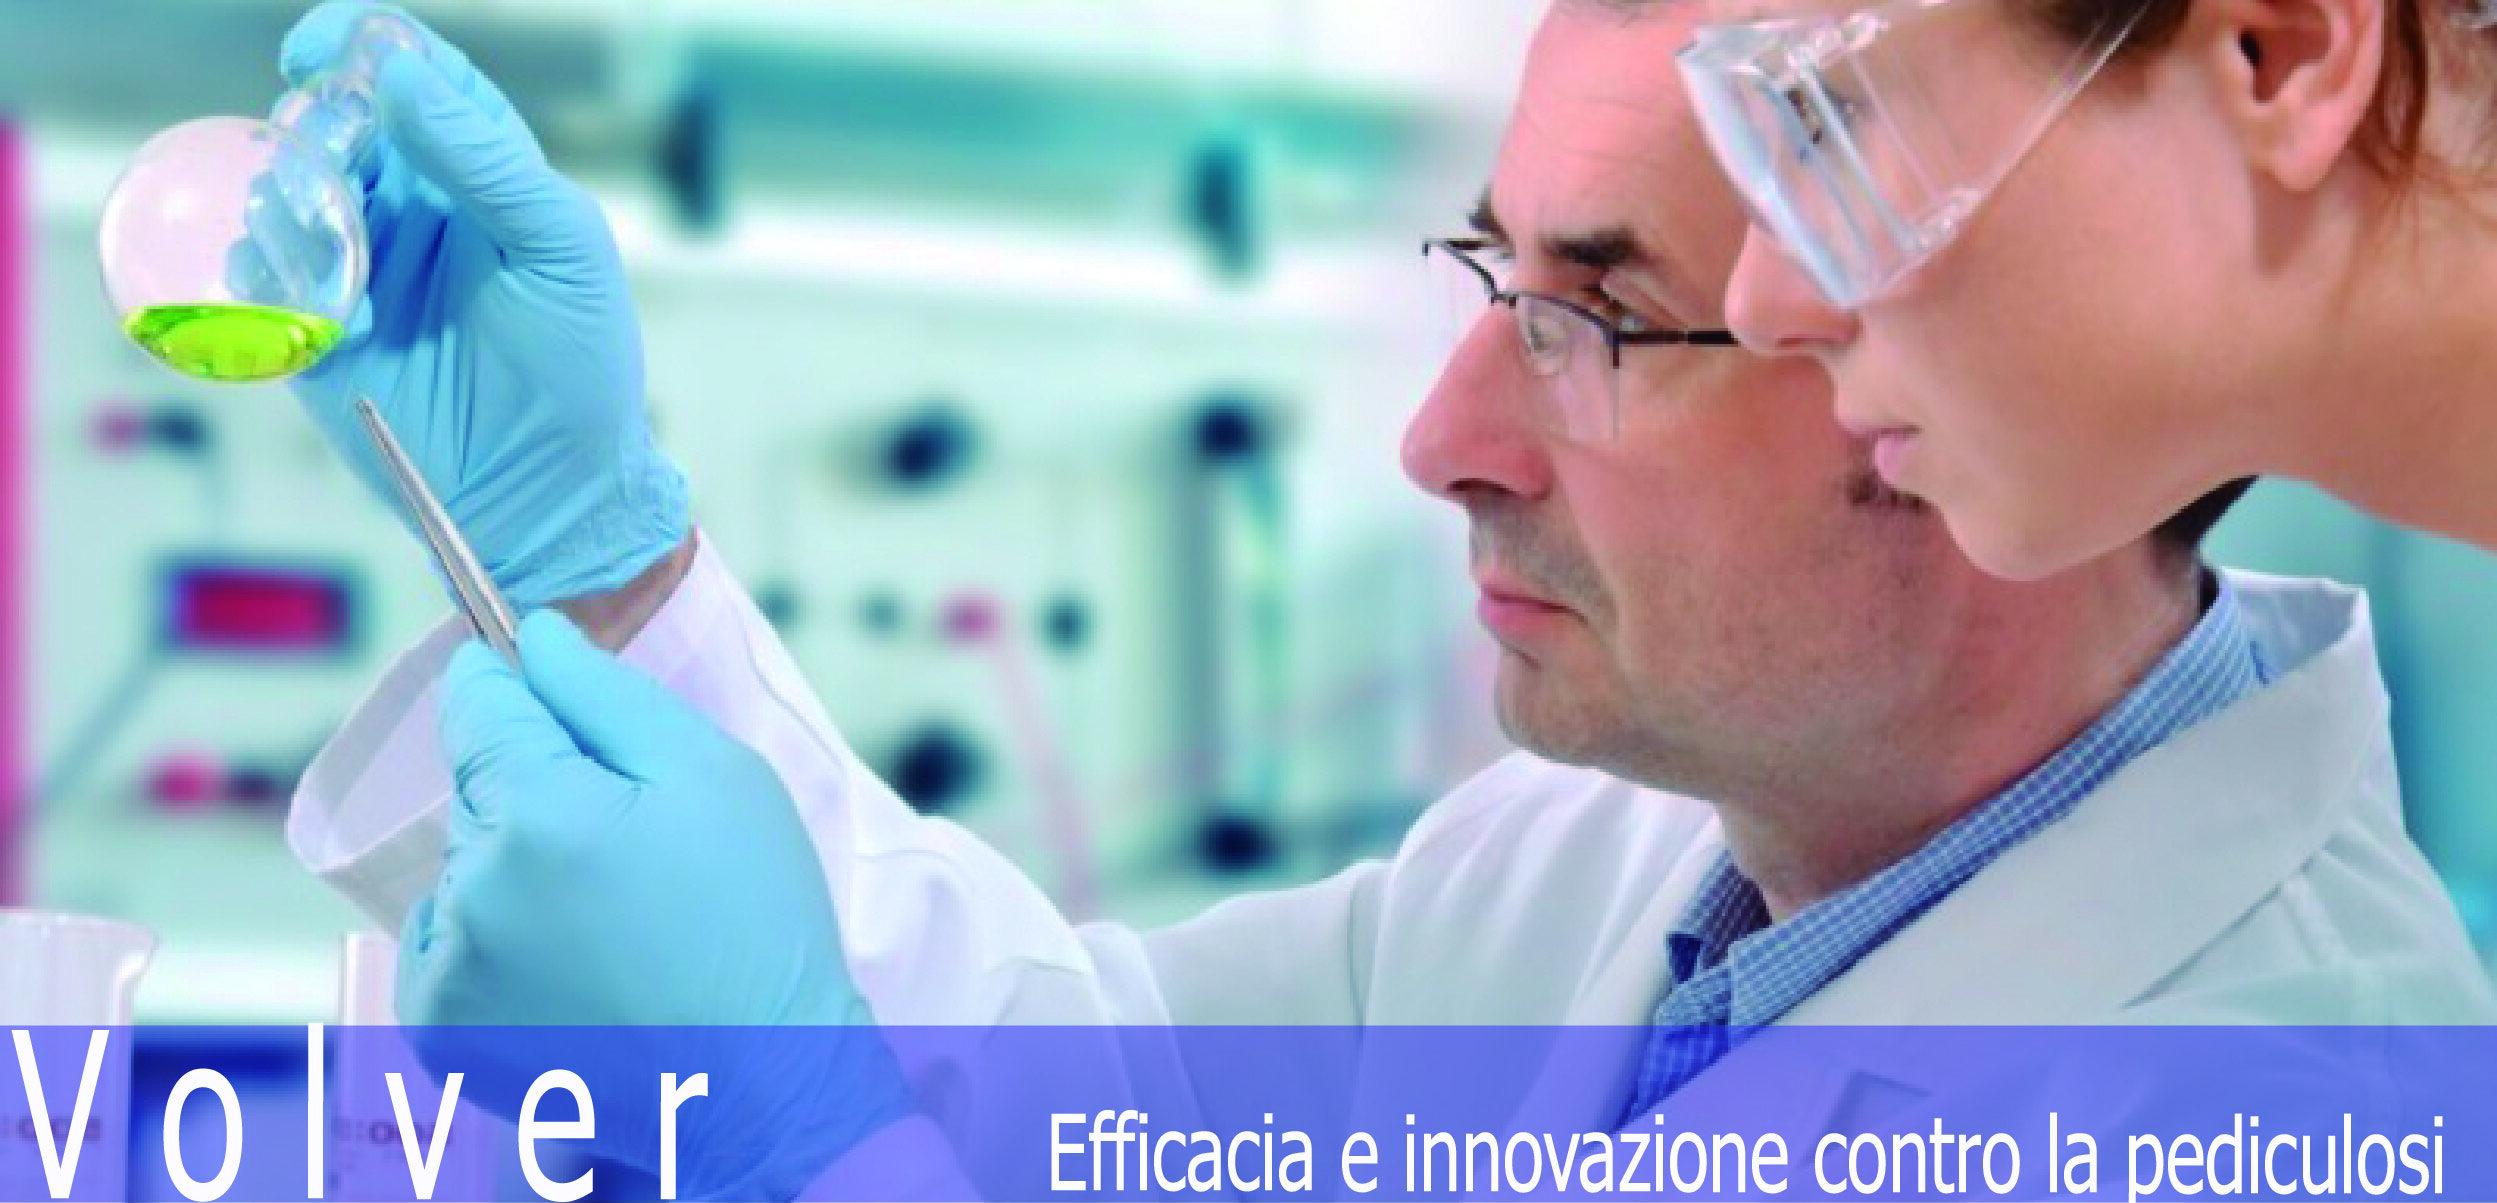 Volver, efficacia  e innovazione contro la pediculosi